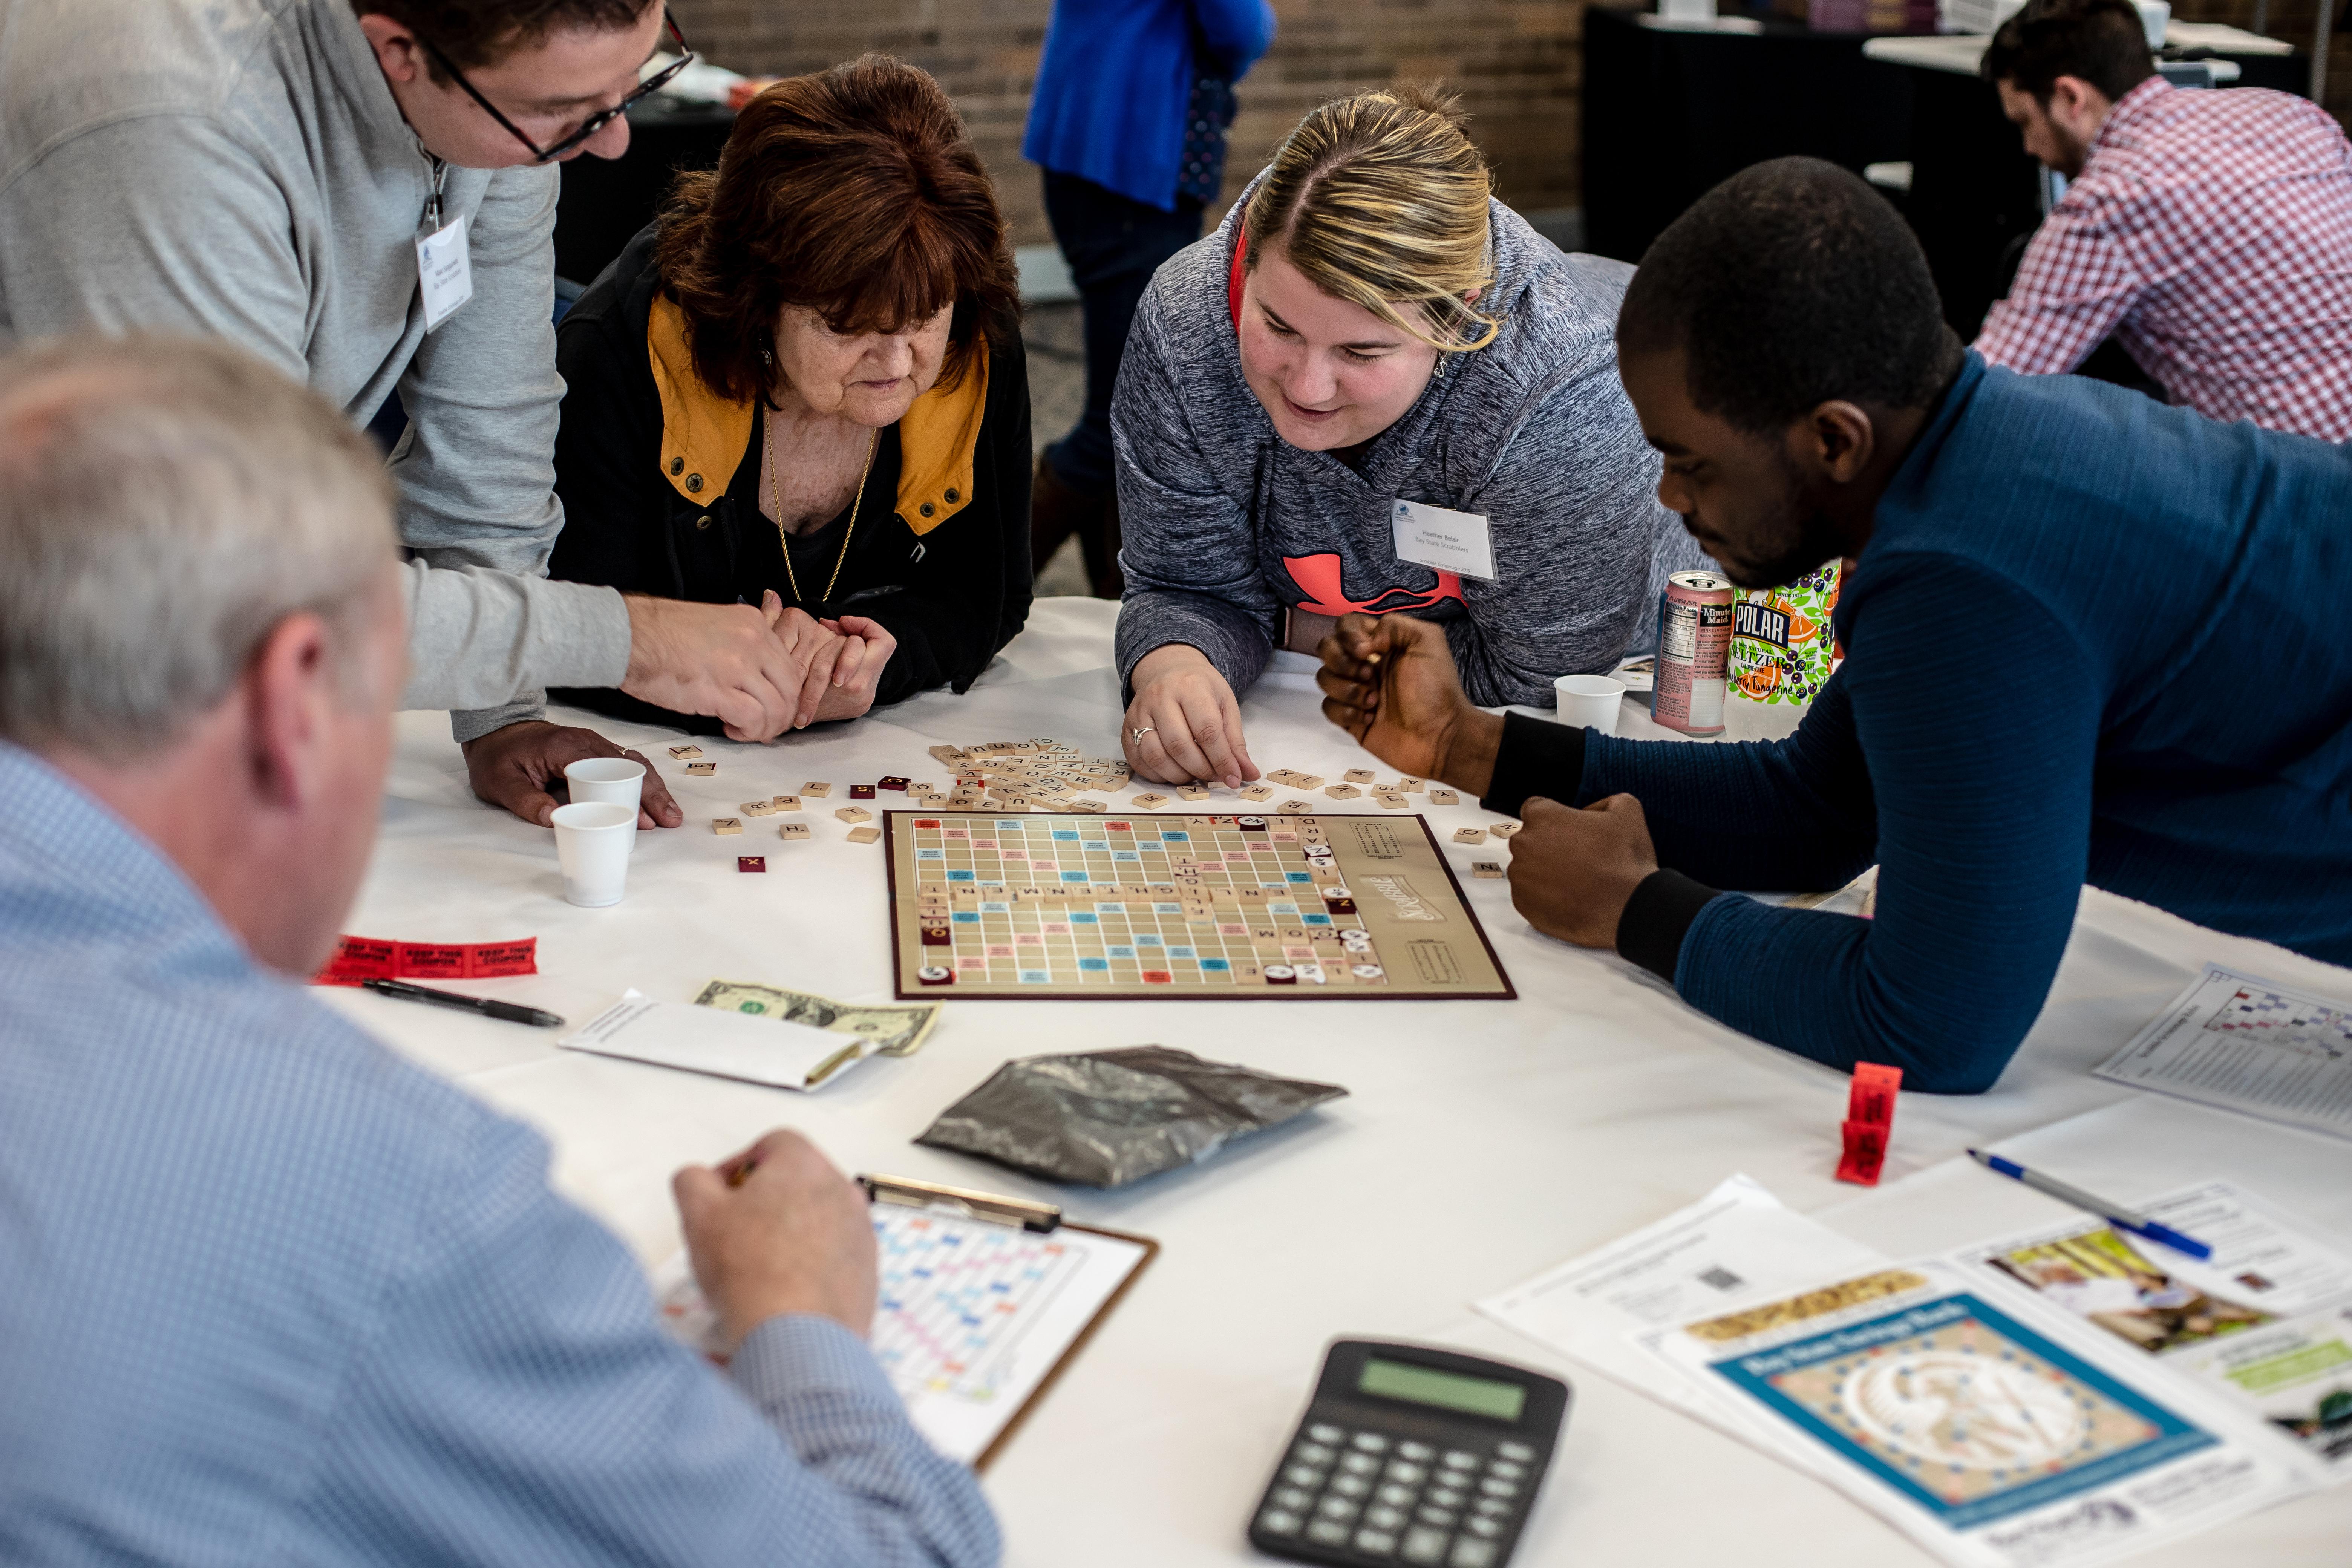 18th Annual Scrabble Scrimmage Tournament 5.4.2019